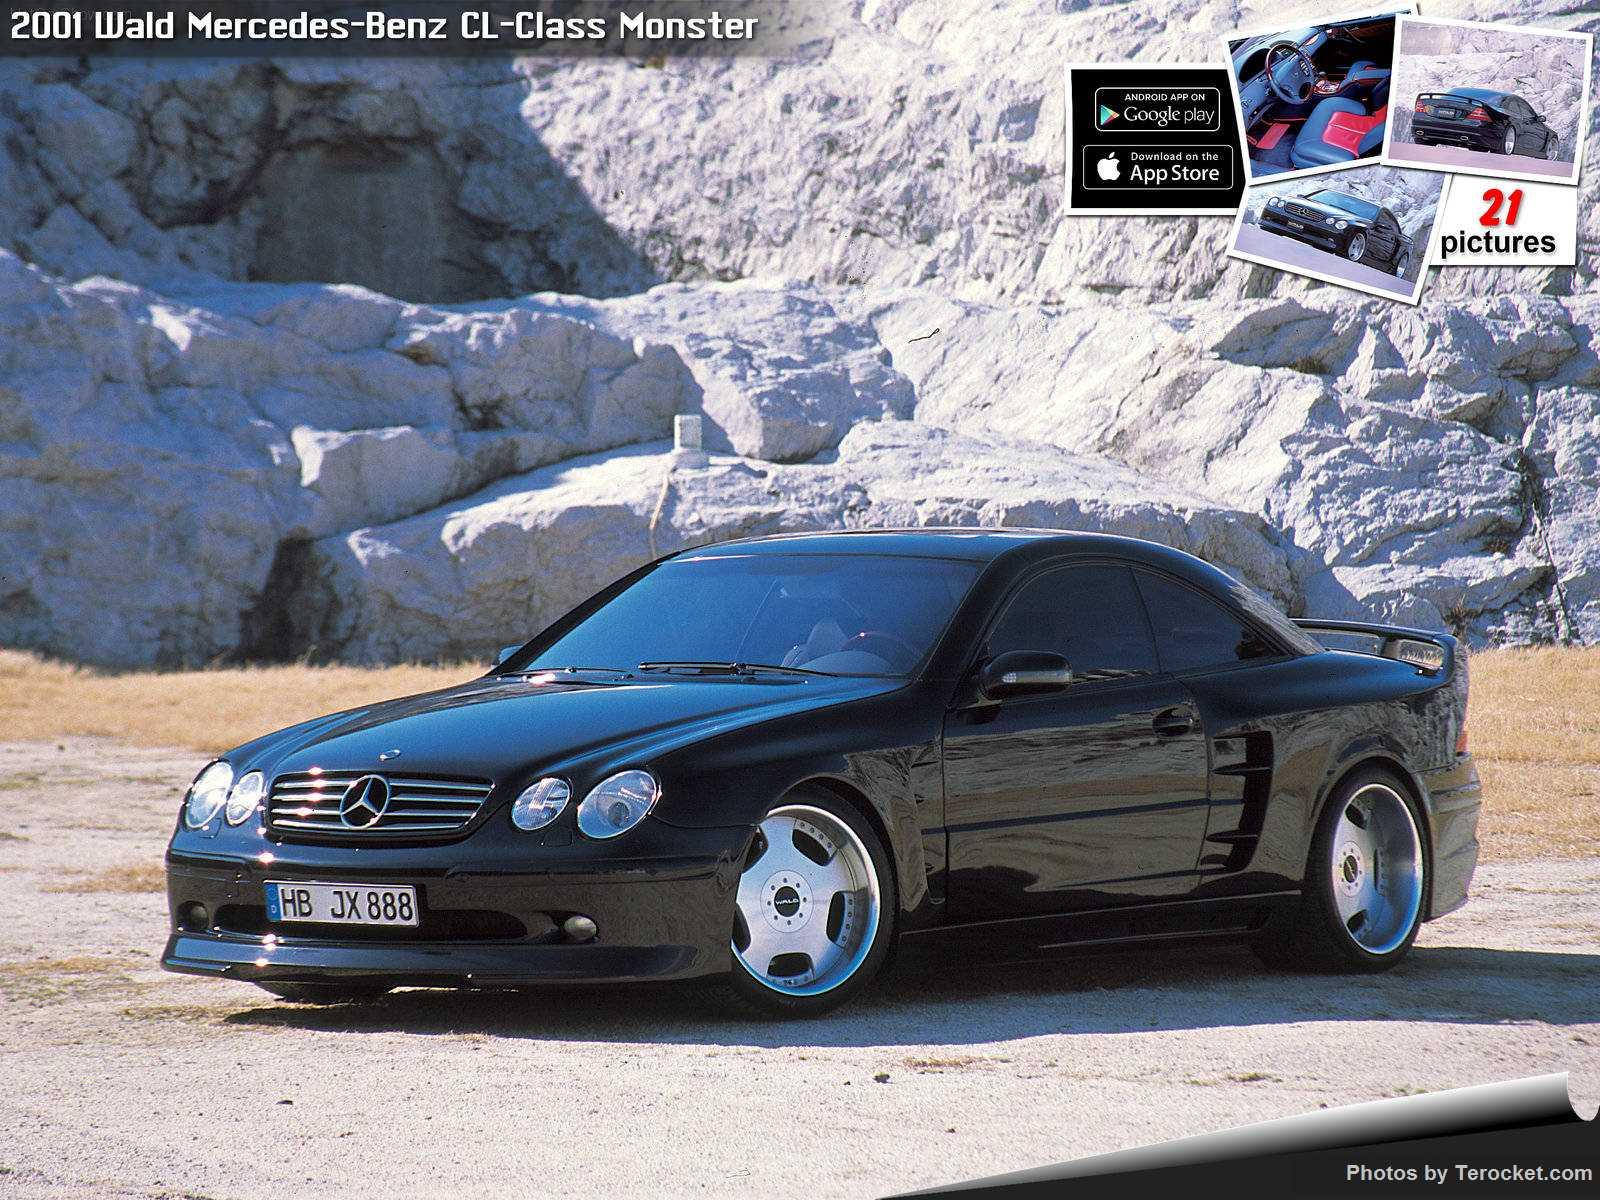 Hình ảnh xe độ Wald Mercedes-Benz CL-Class Monster 2001 & nội ngoại thất